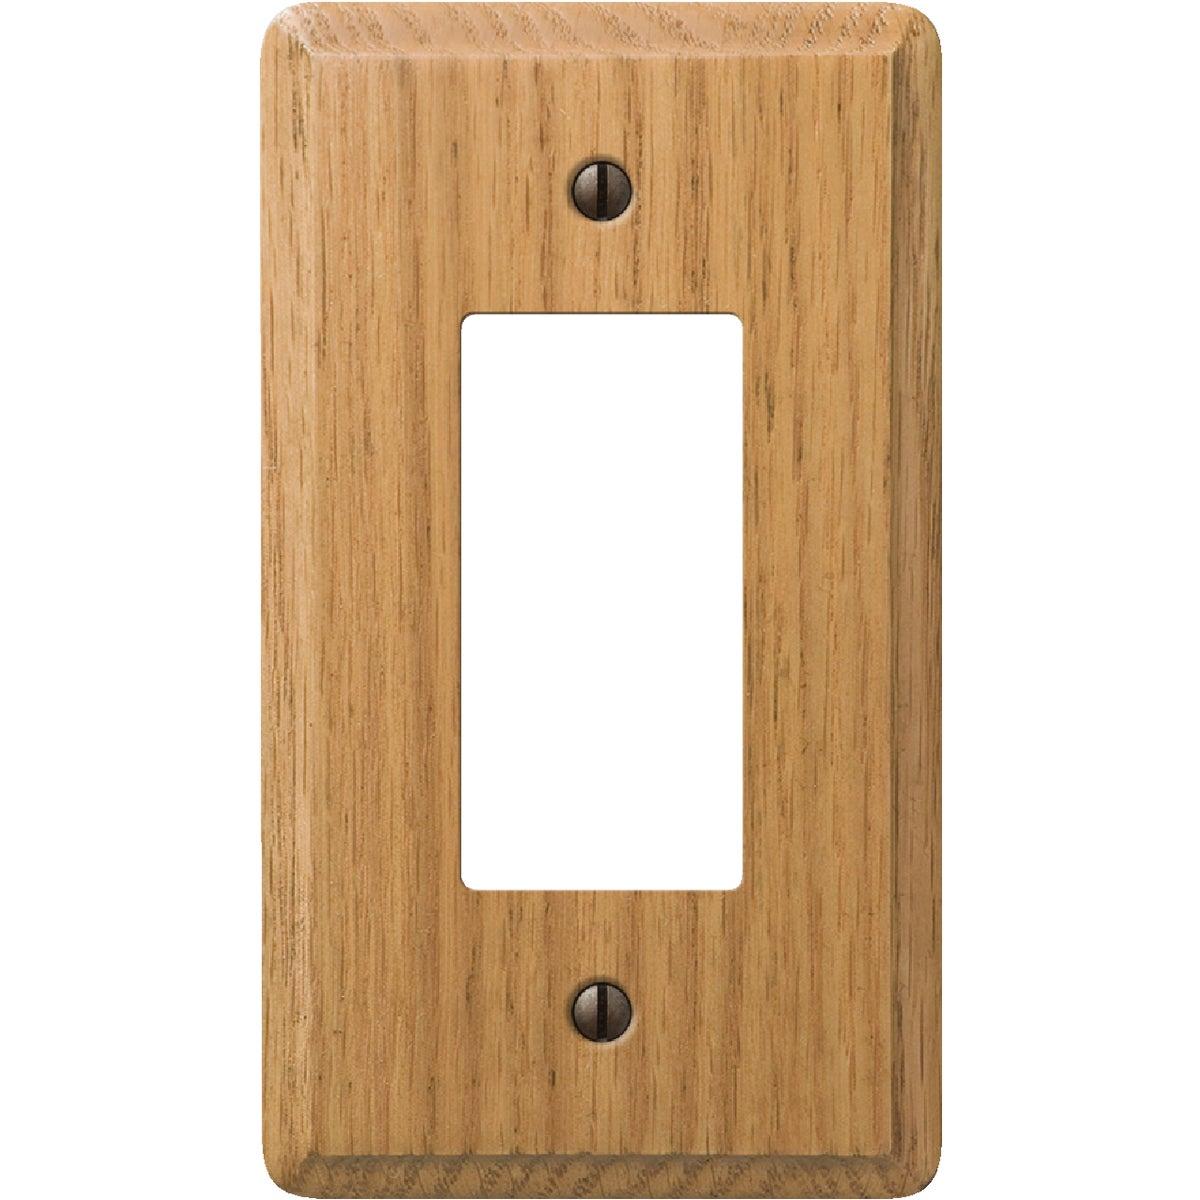 Amerelle 1-Gang Solid Oak Rocker Decorator Wall Plate, Light Oak